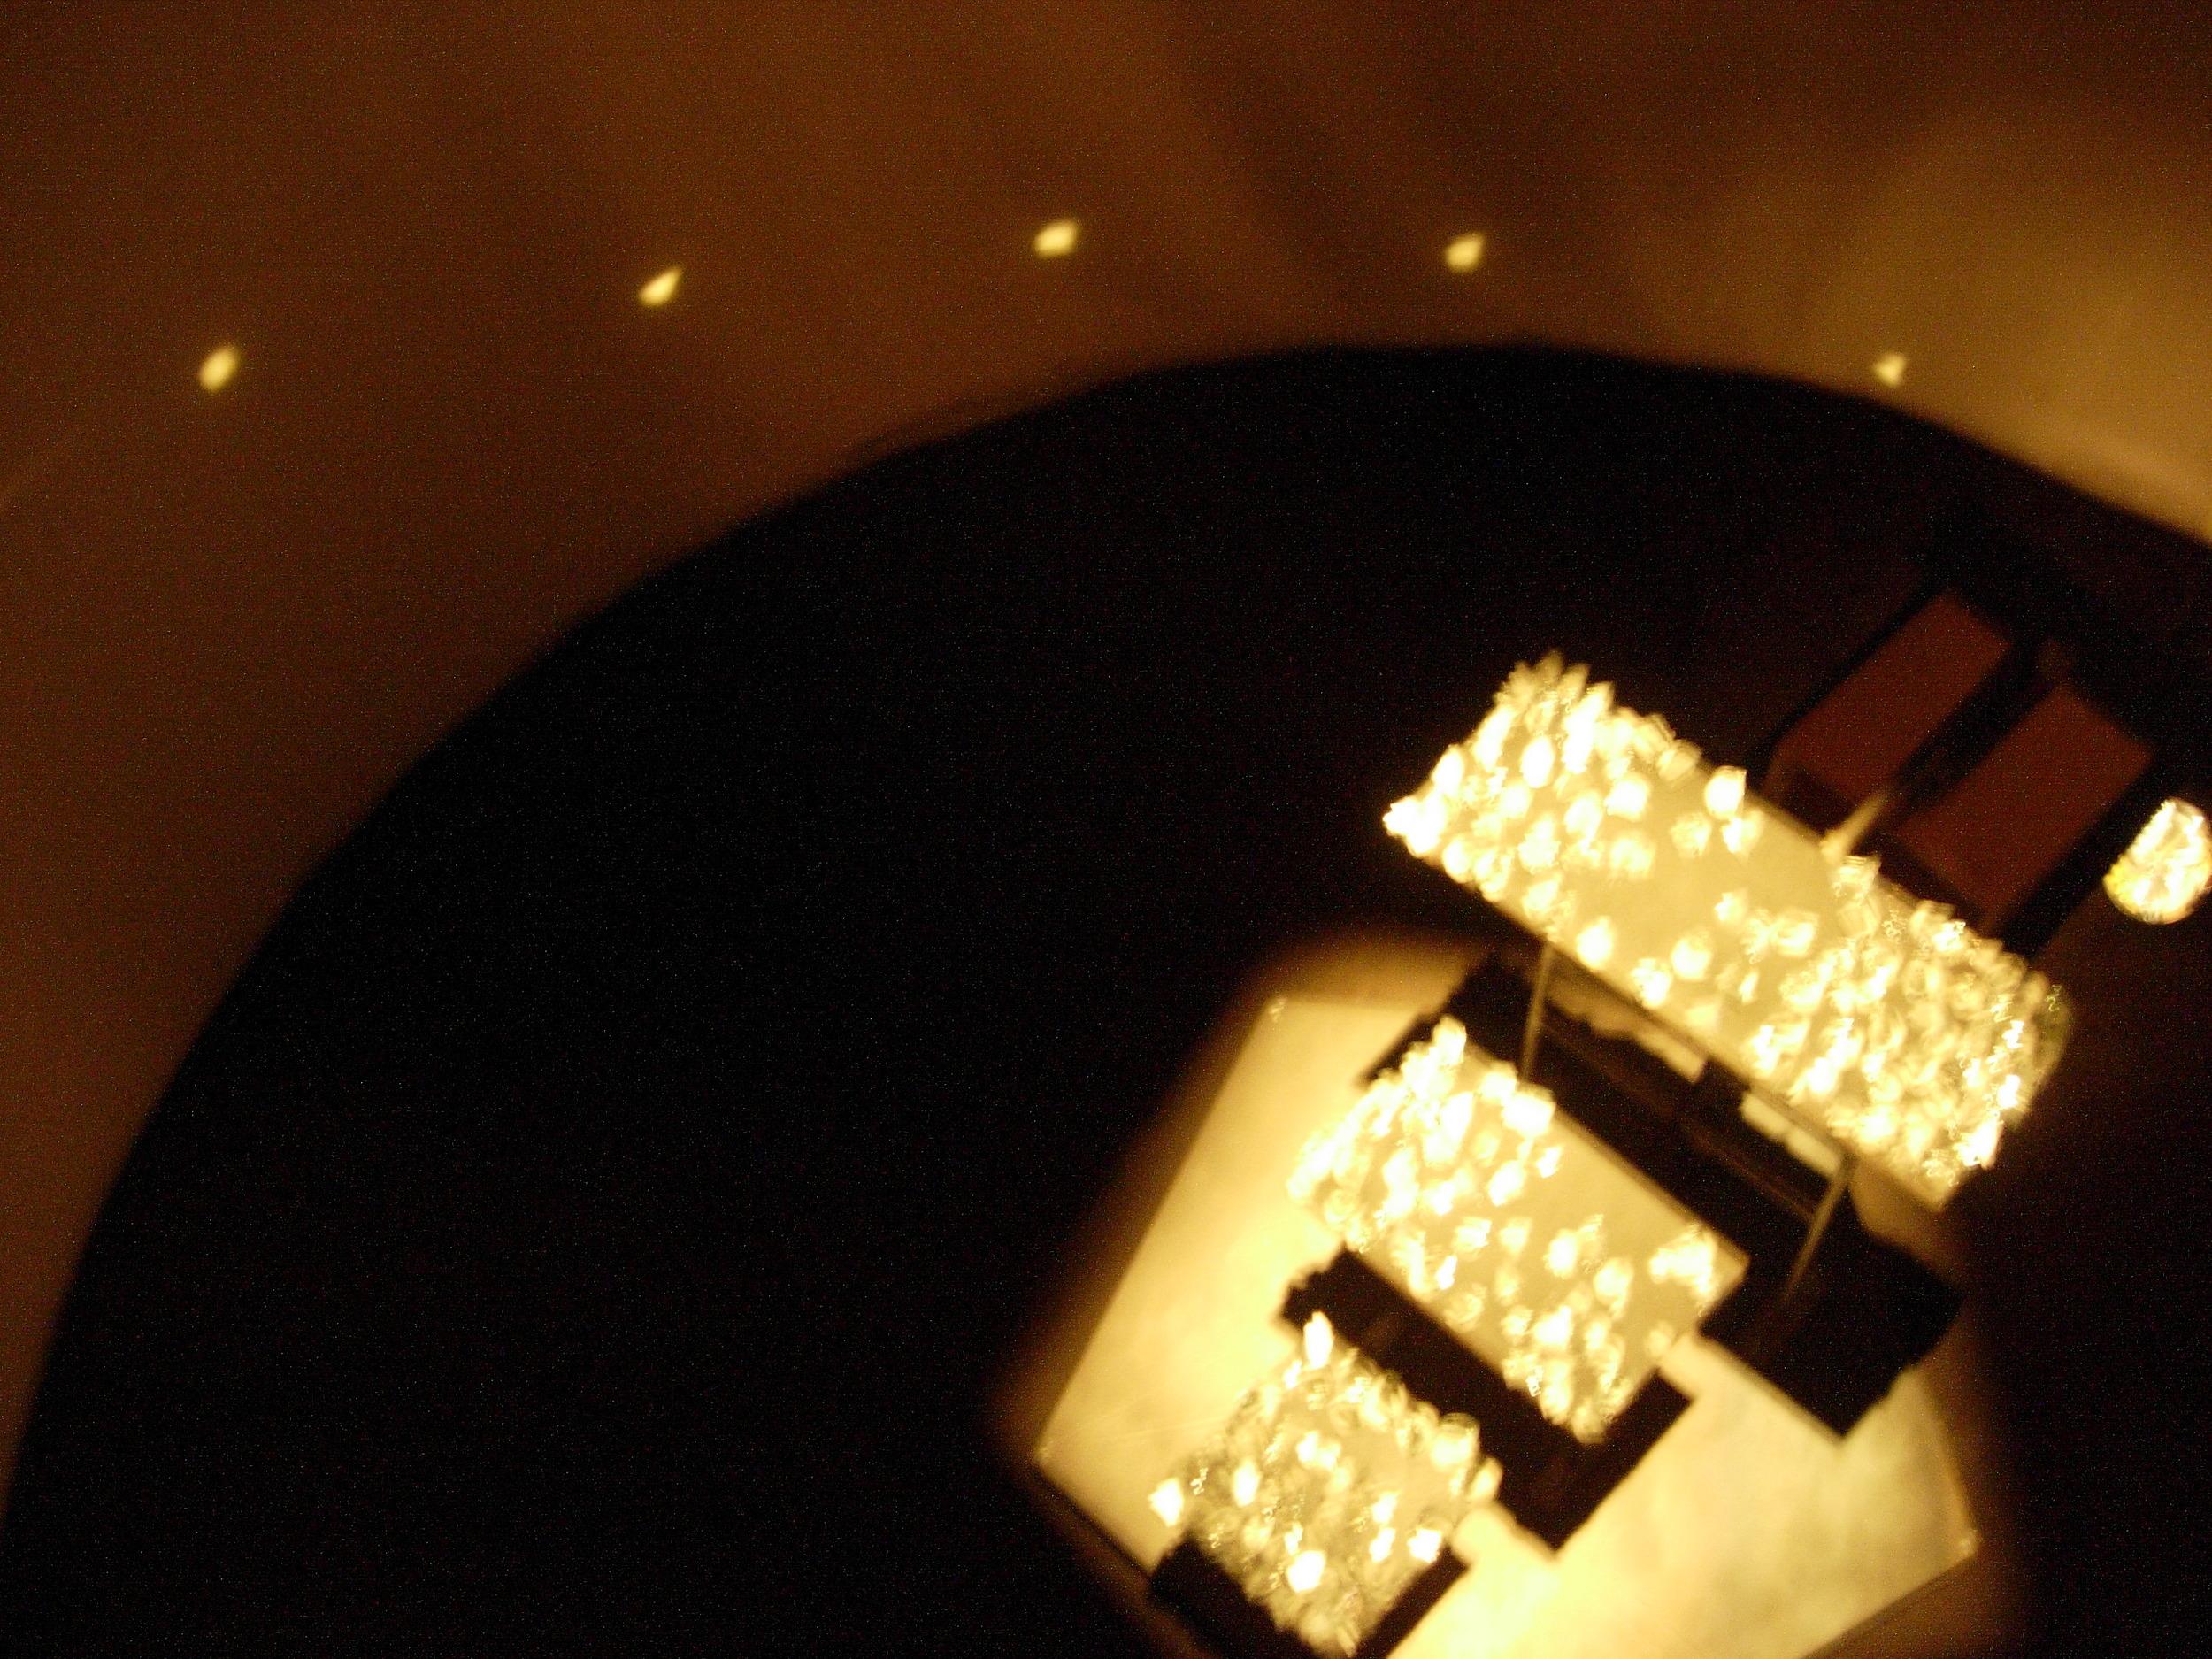 maya instilation central reflector mixed media, 2005(3).jpg